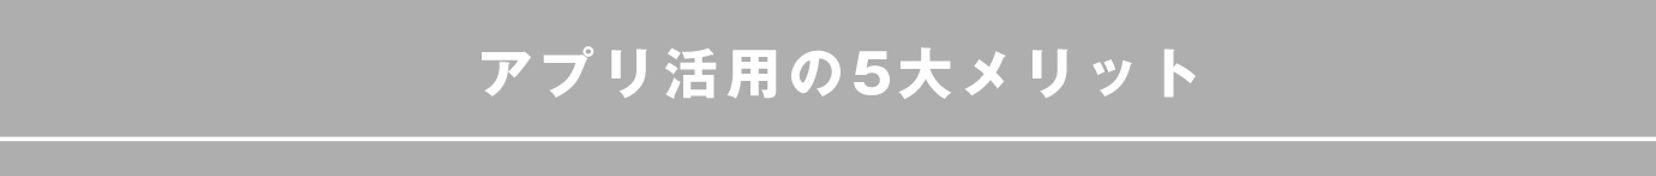 5大メリット.jpg